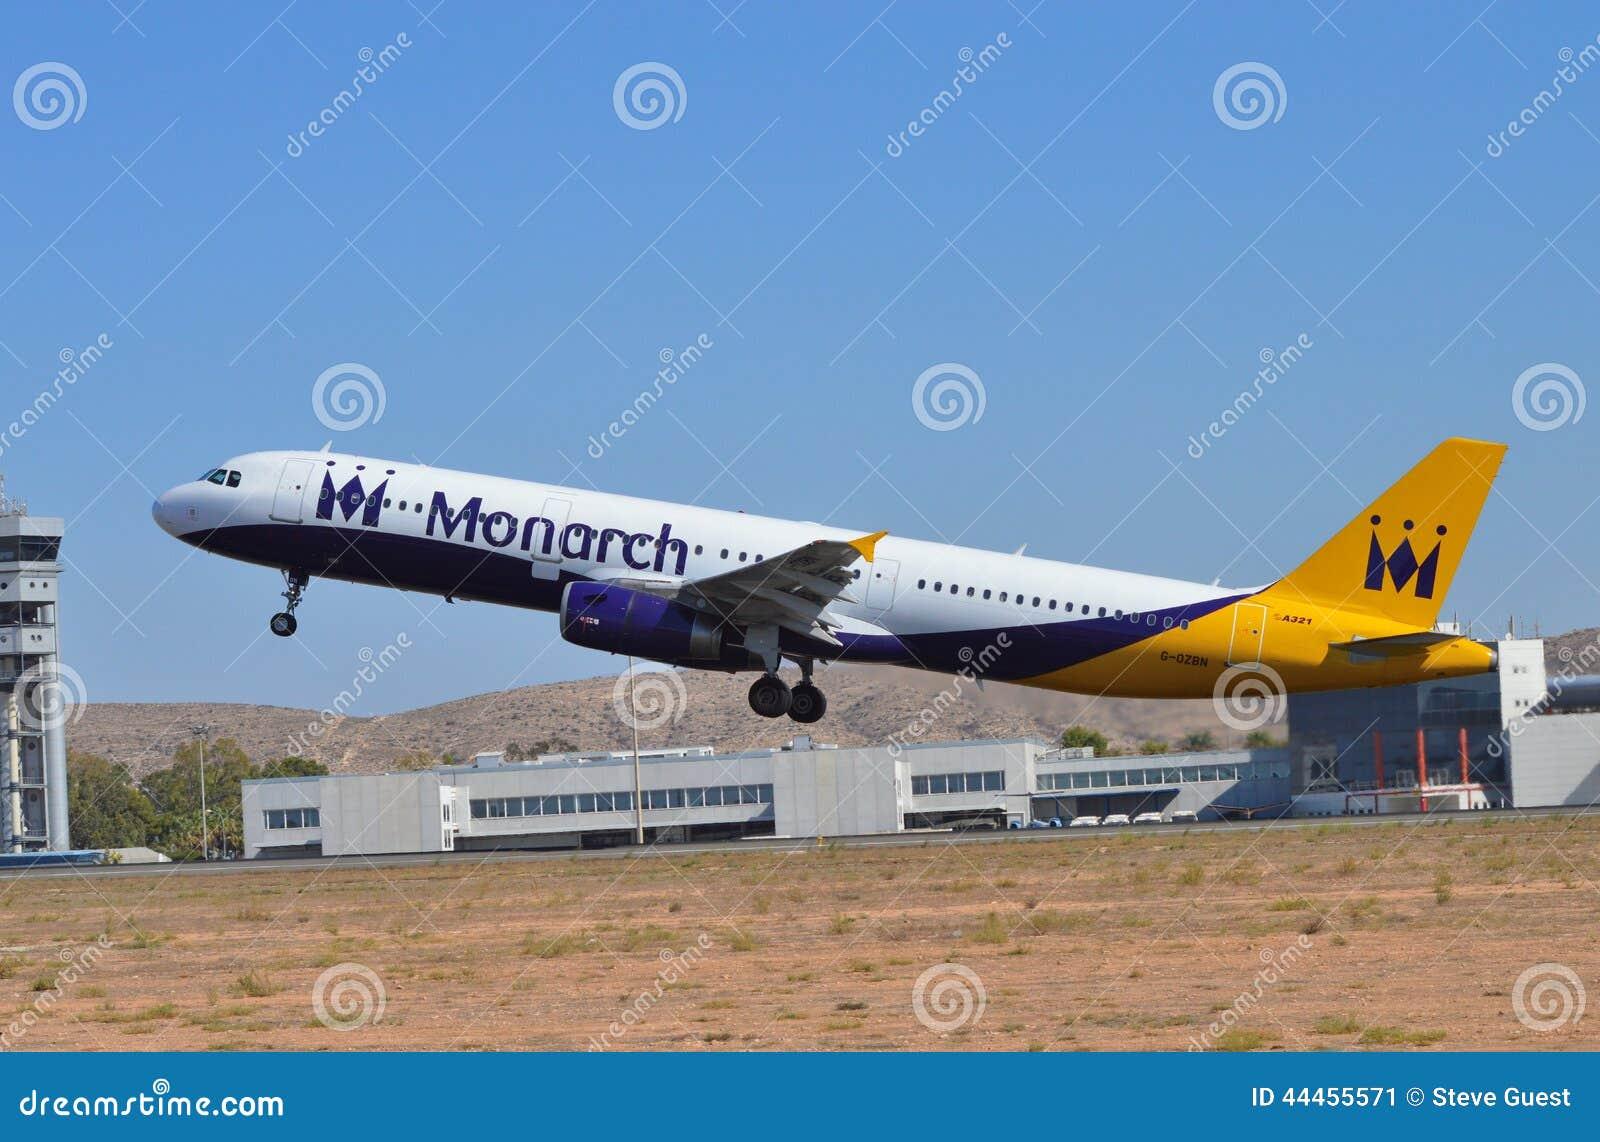 flights to alicante monarch